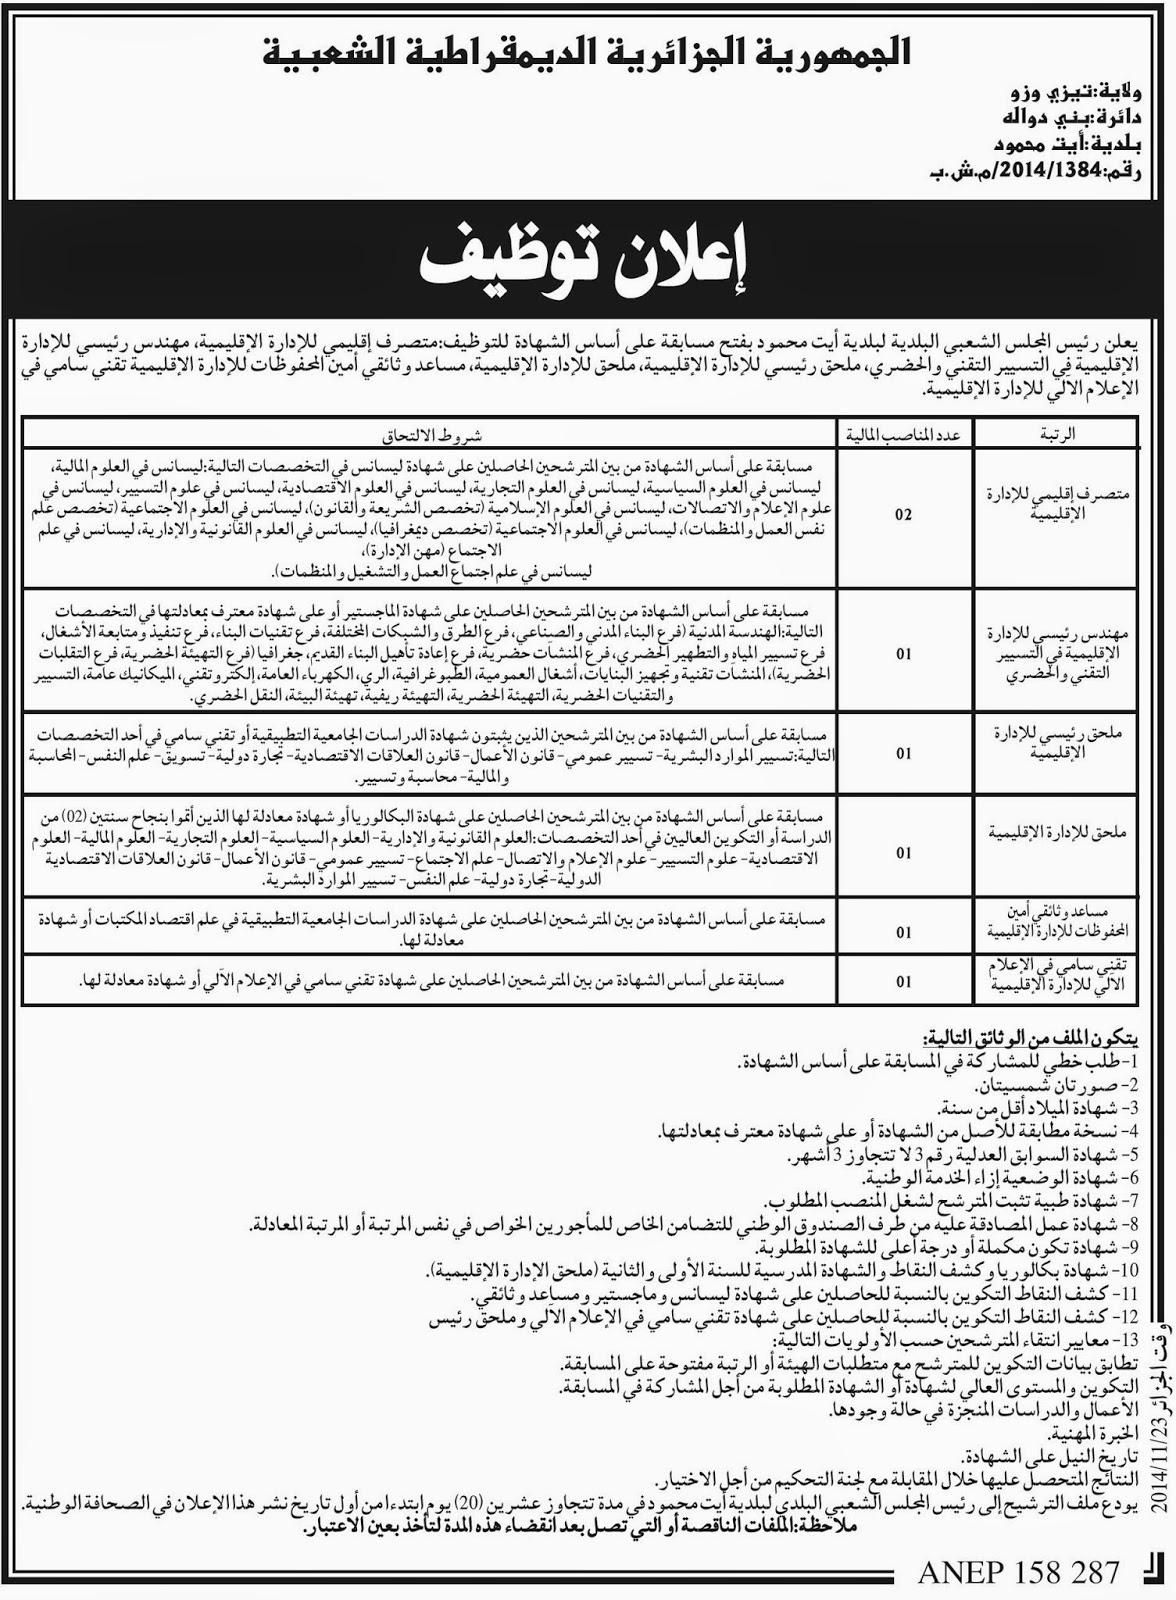 إعلان توظيف بلدية آيت محمد ولاية تيزي وزو